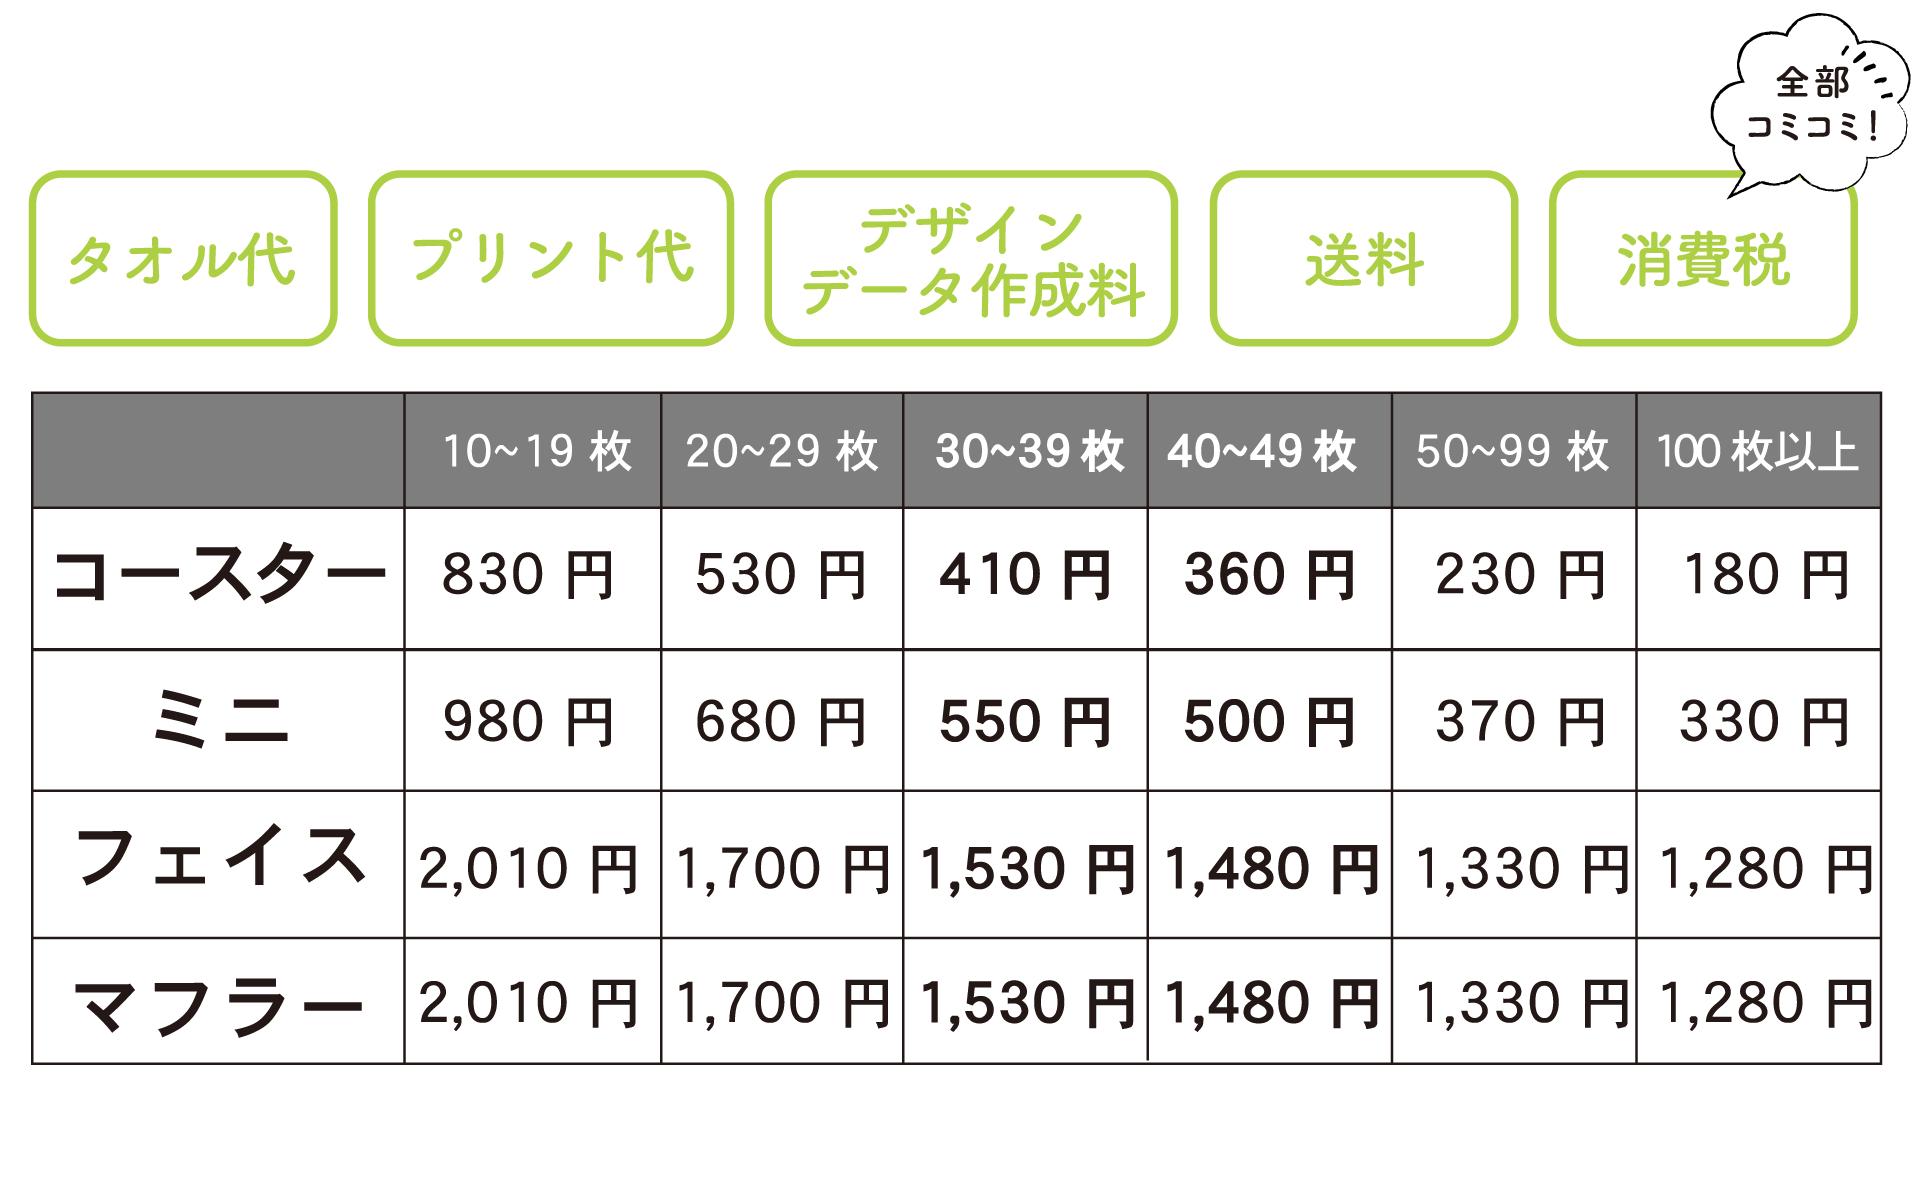 マイクロファイバータオル価格